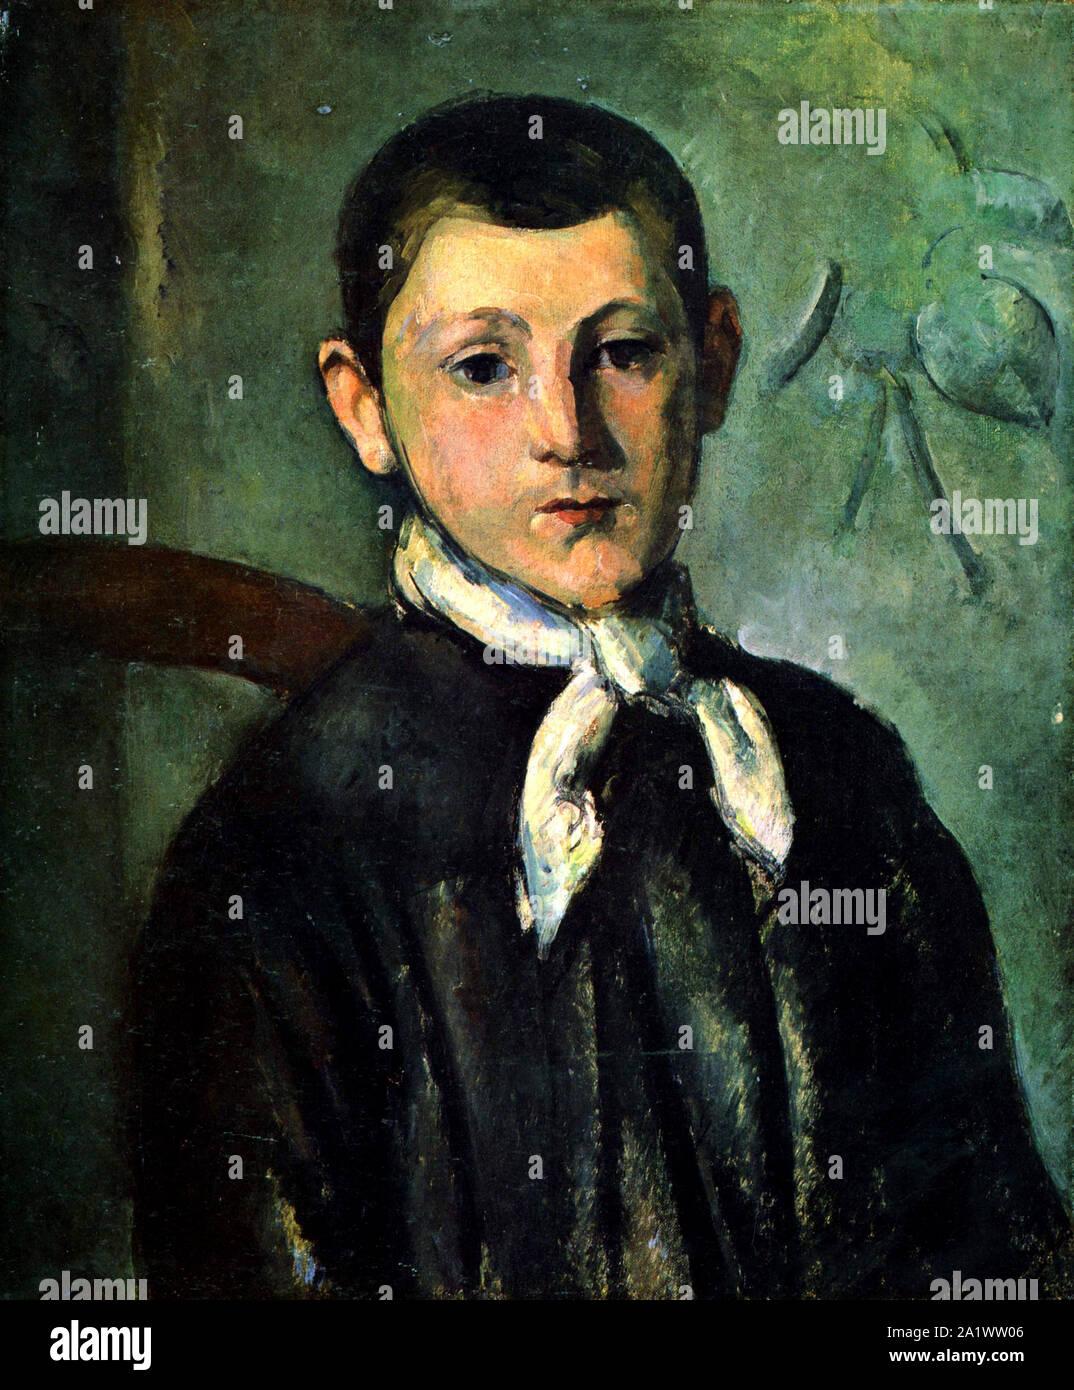 Portrait of Louis Guillaume by Paul Cézanne Stock Photo